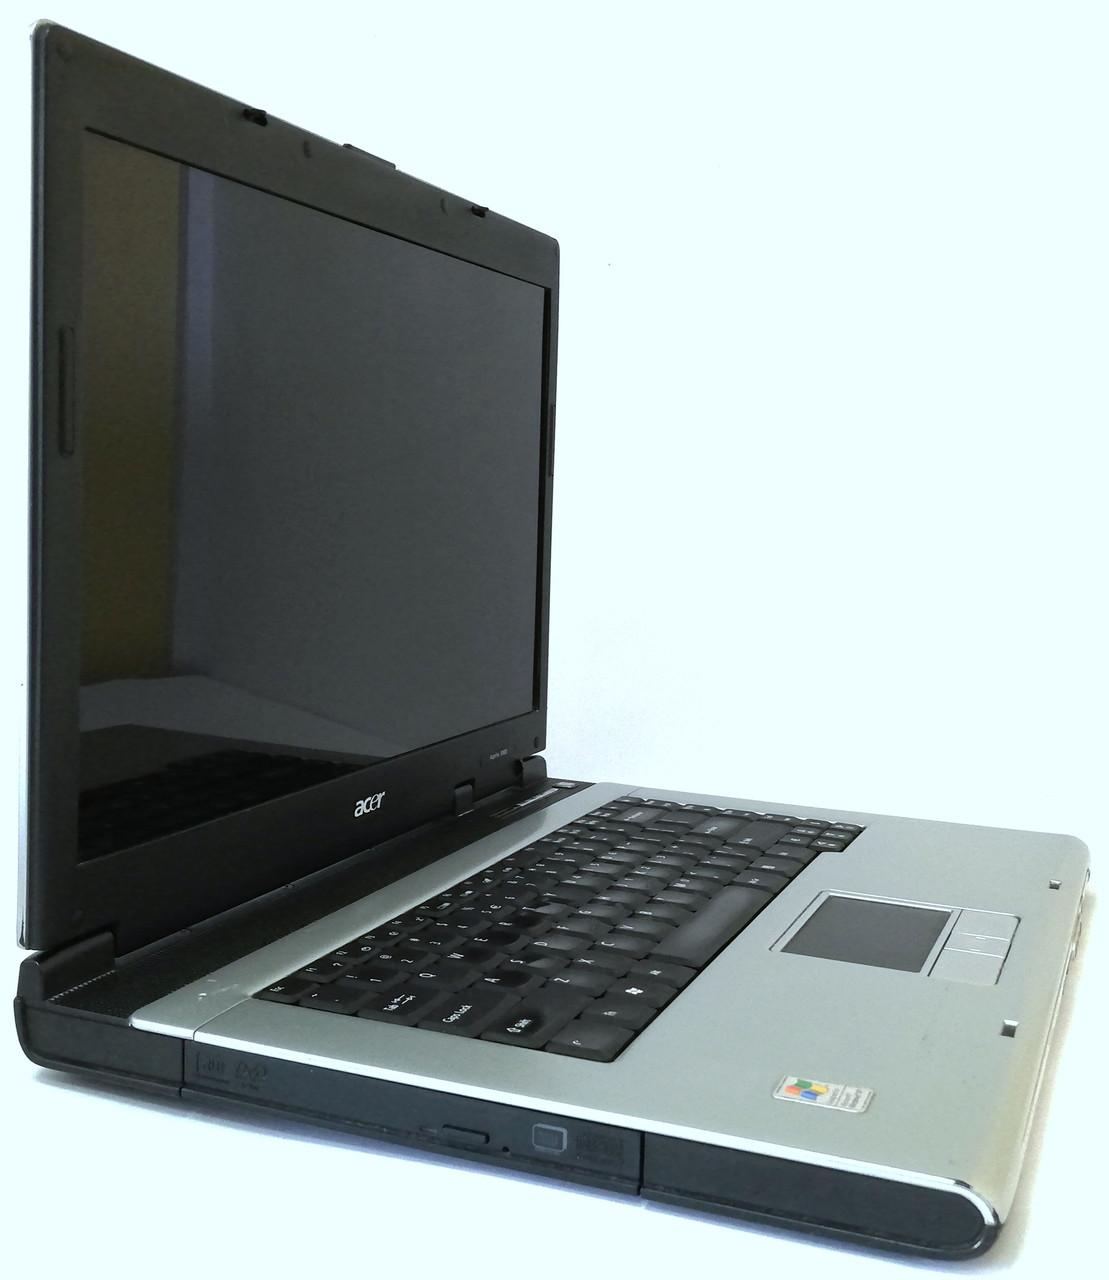 """Ноутбук Acer Aspire 5000 15"""" AMD Turion ML-32 1.8 ГГц 256 МБ Б/У"""